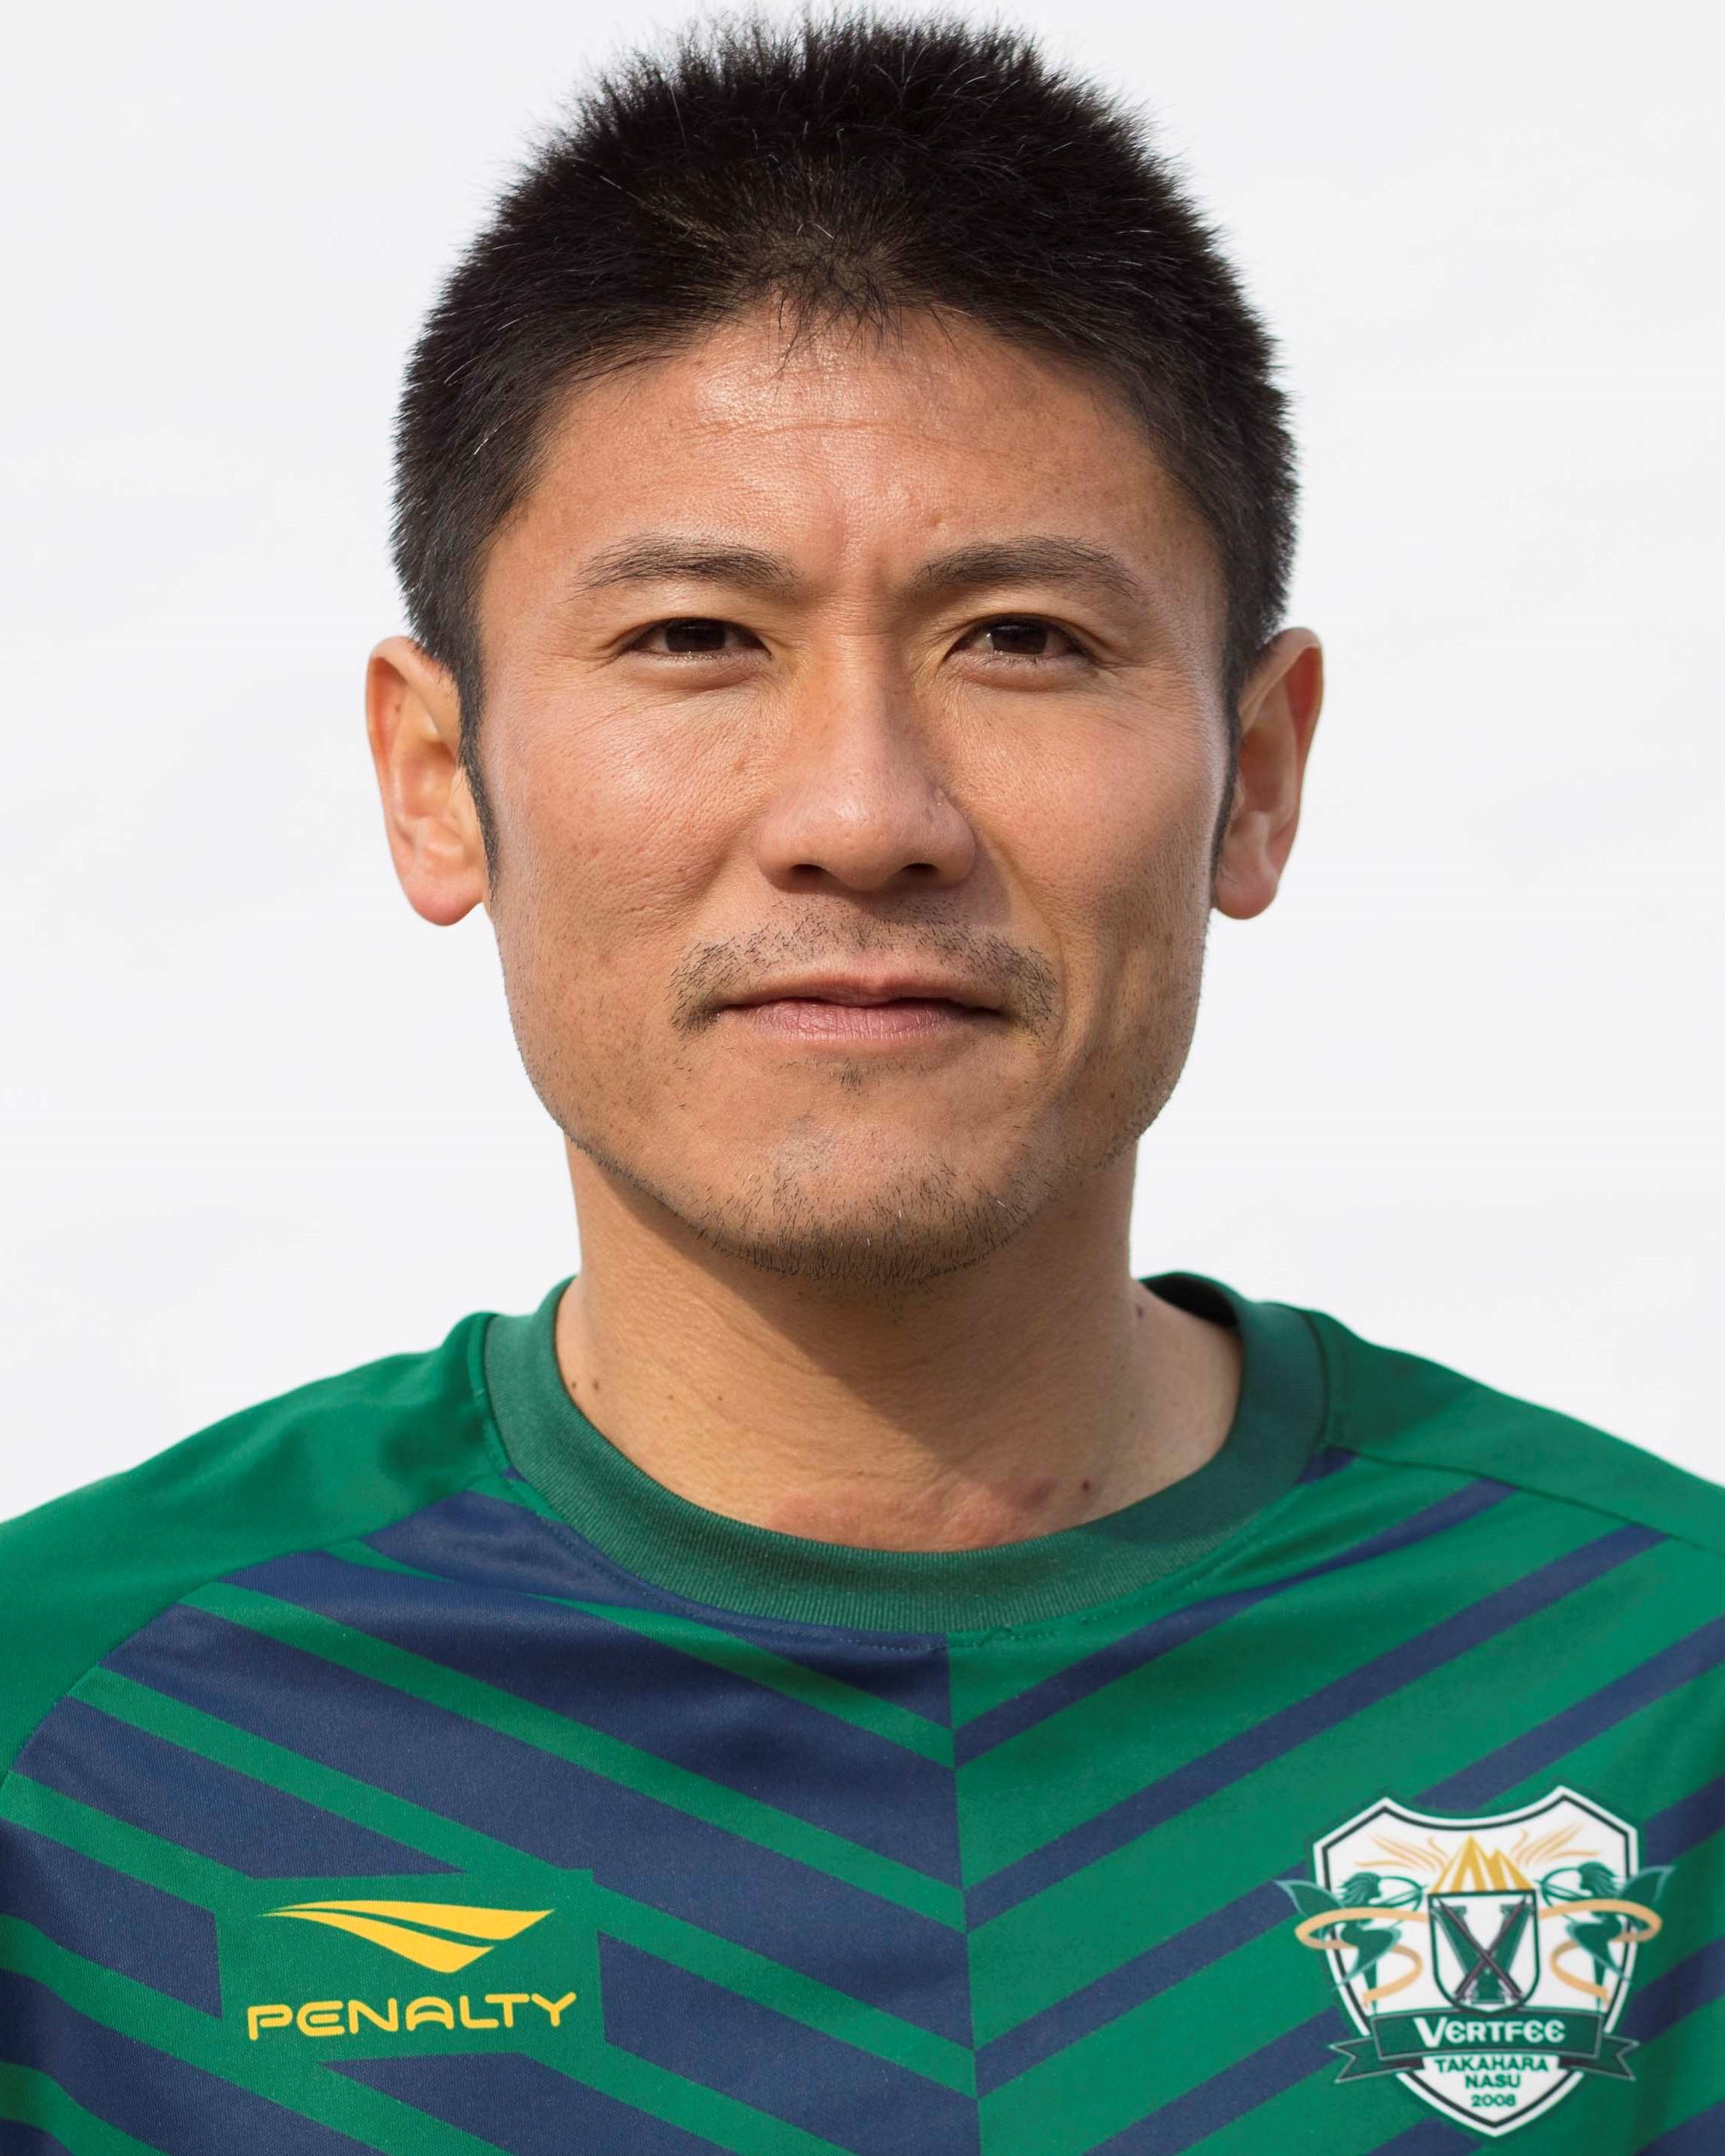 Shuei Takano